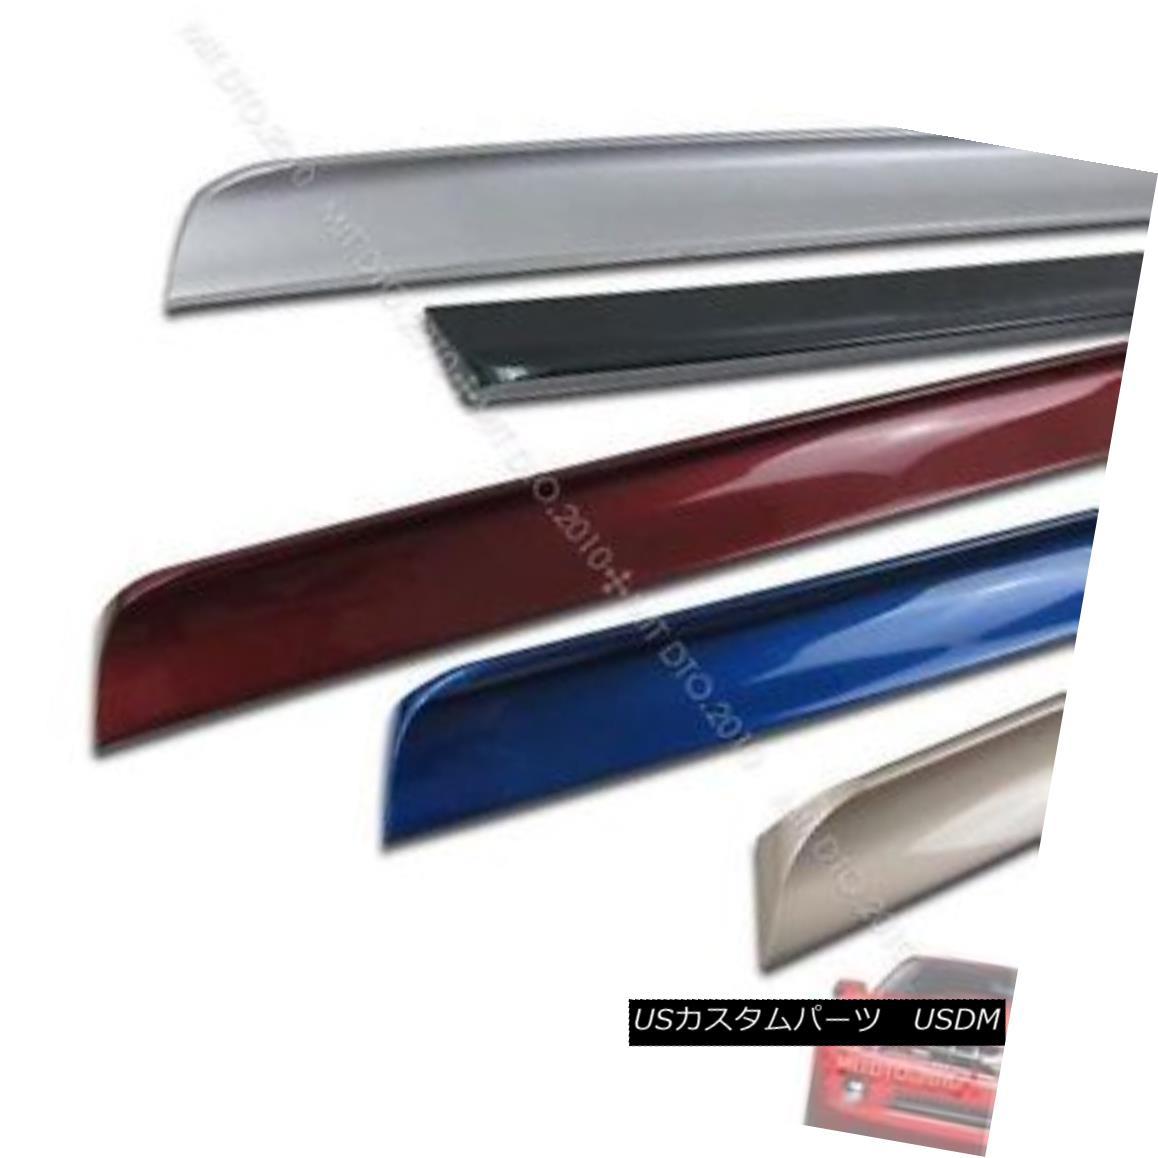 エアロパーツ 98 02 MERCEDES BENZ W208 CLK CLASS 2DR REAR TRUNK LIP SPOILER 775 PAINTED § 98 02メルセデスベンツW208 CLKクラス2DRリアトランクリップスピラー775塗装済み